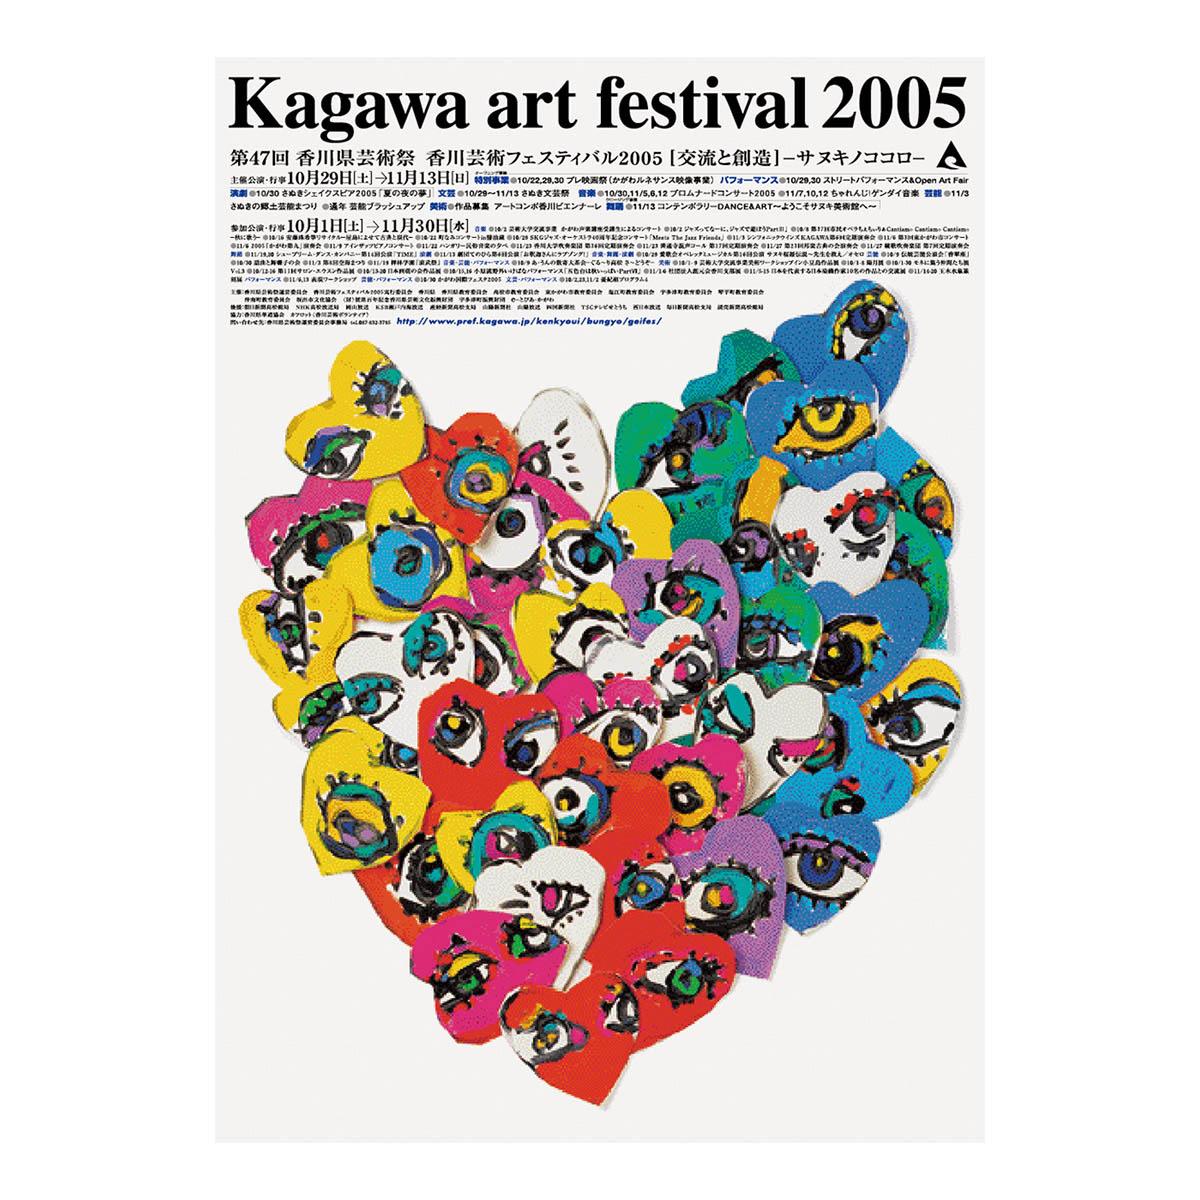 香川県芸術祭運営委員会 Kagawa art festival 2005 ポスター